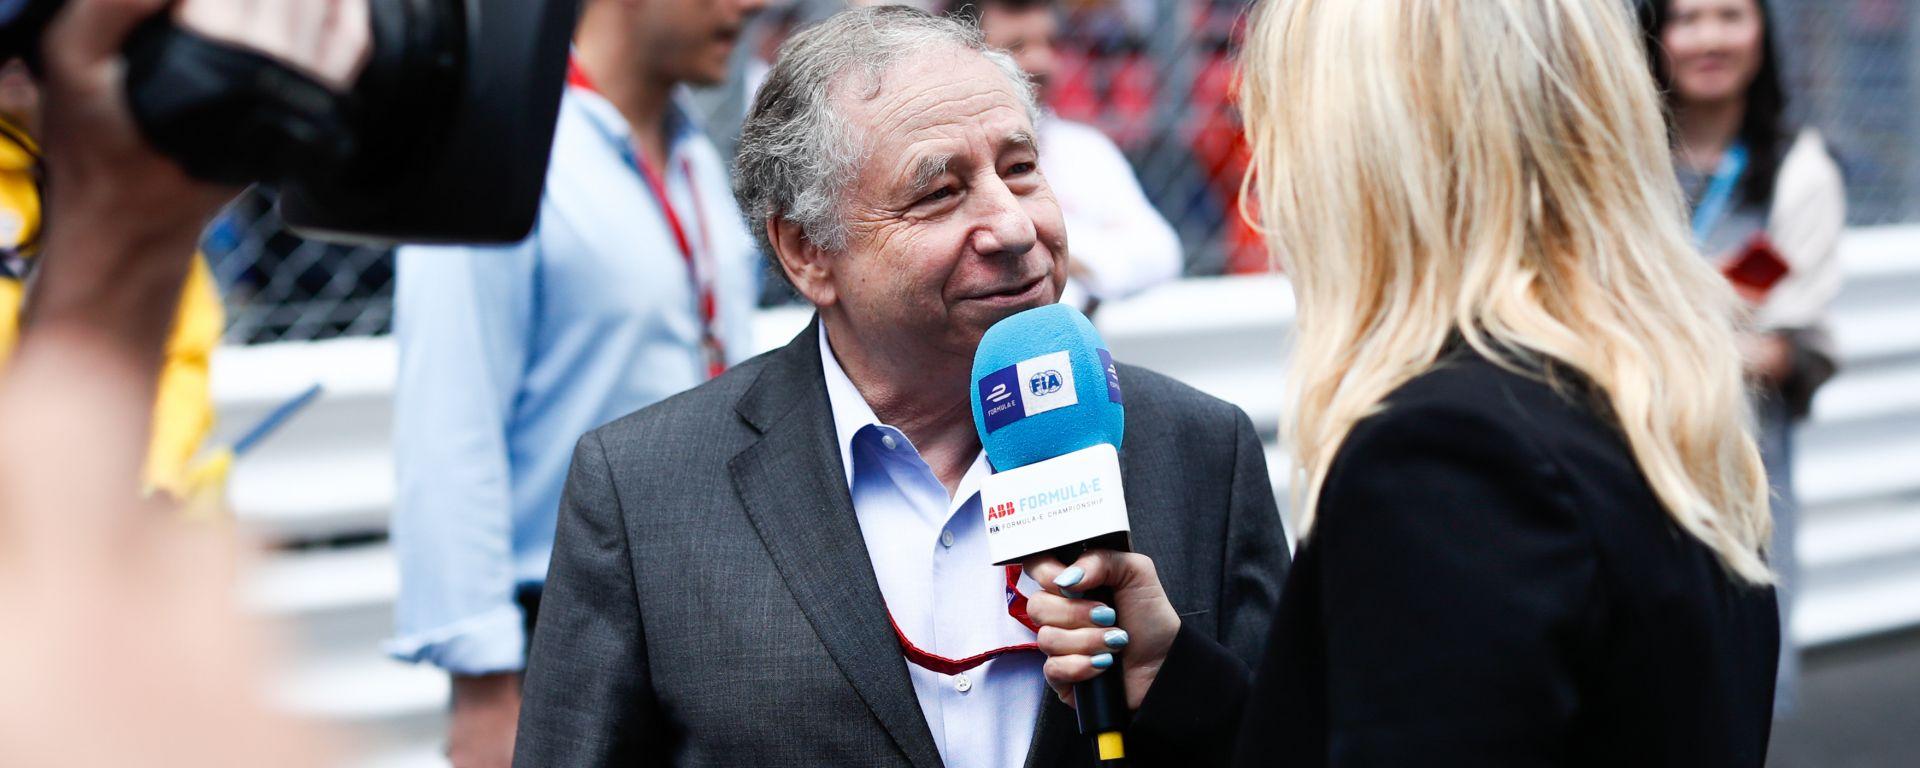 Formula E: il presidente Fia, Jean Todt, intervistato sulla griglia di partenza dell'ePrix di Monaco 2019